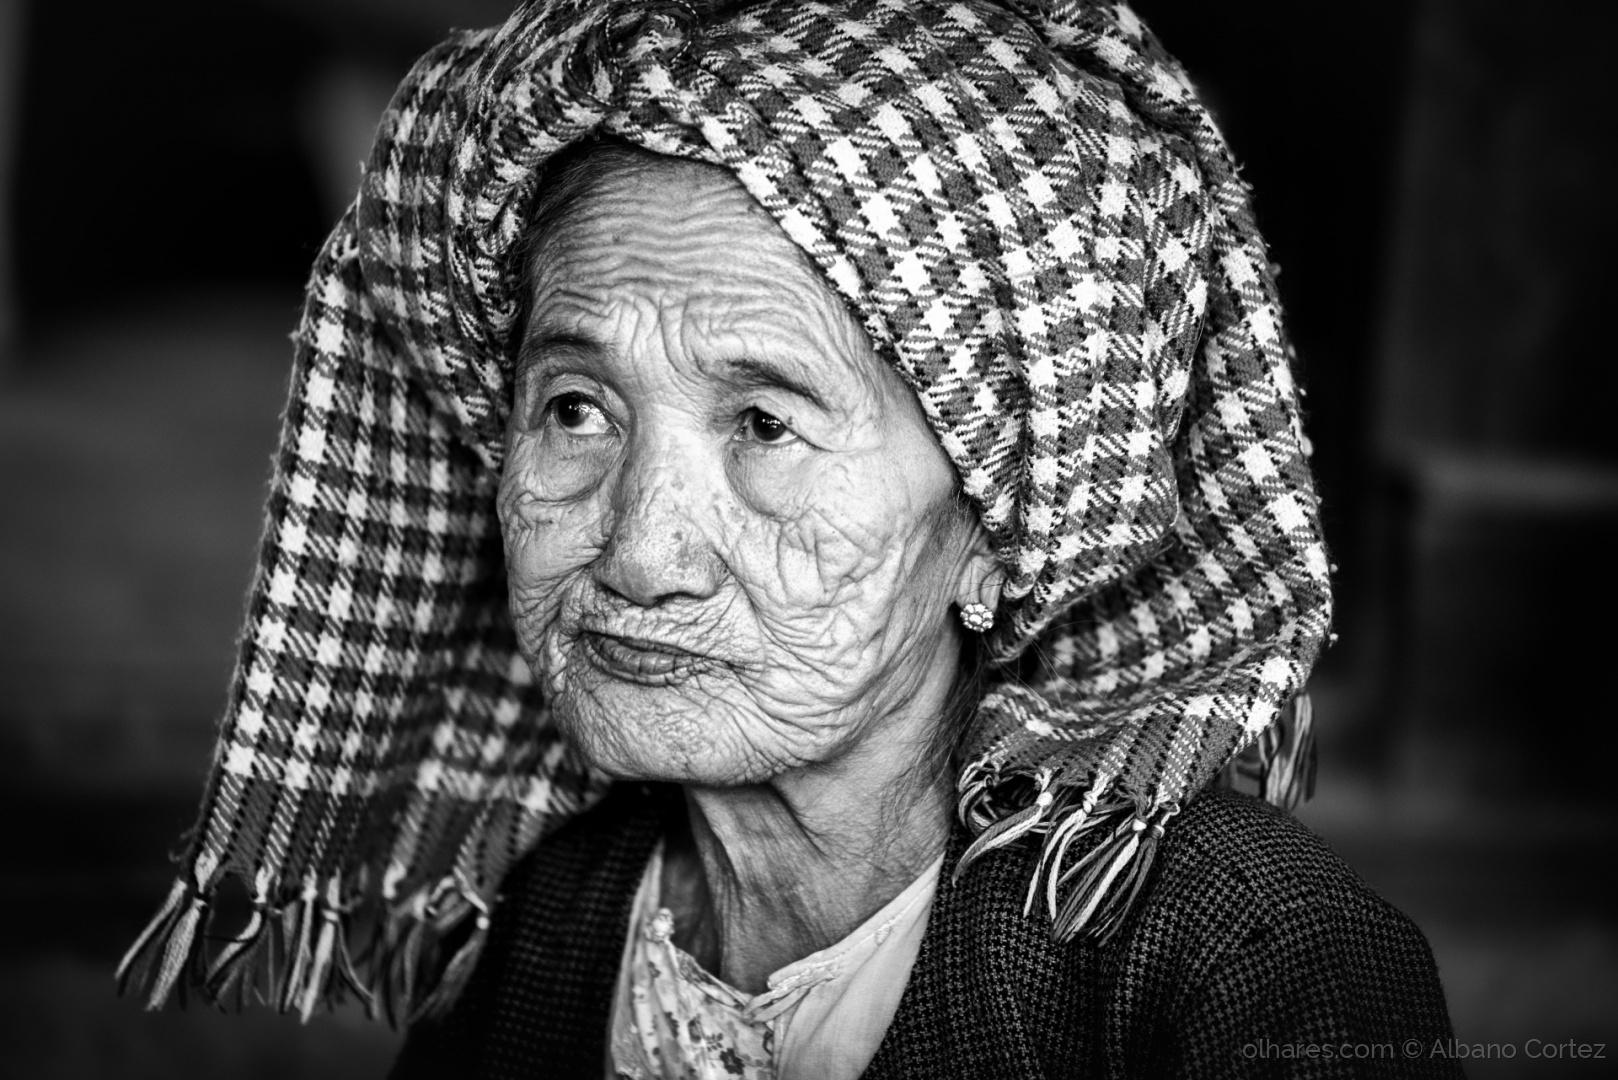 Retratos/Burmese face.